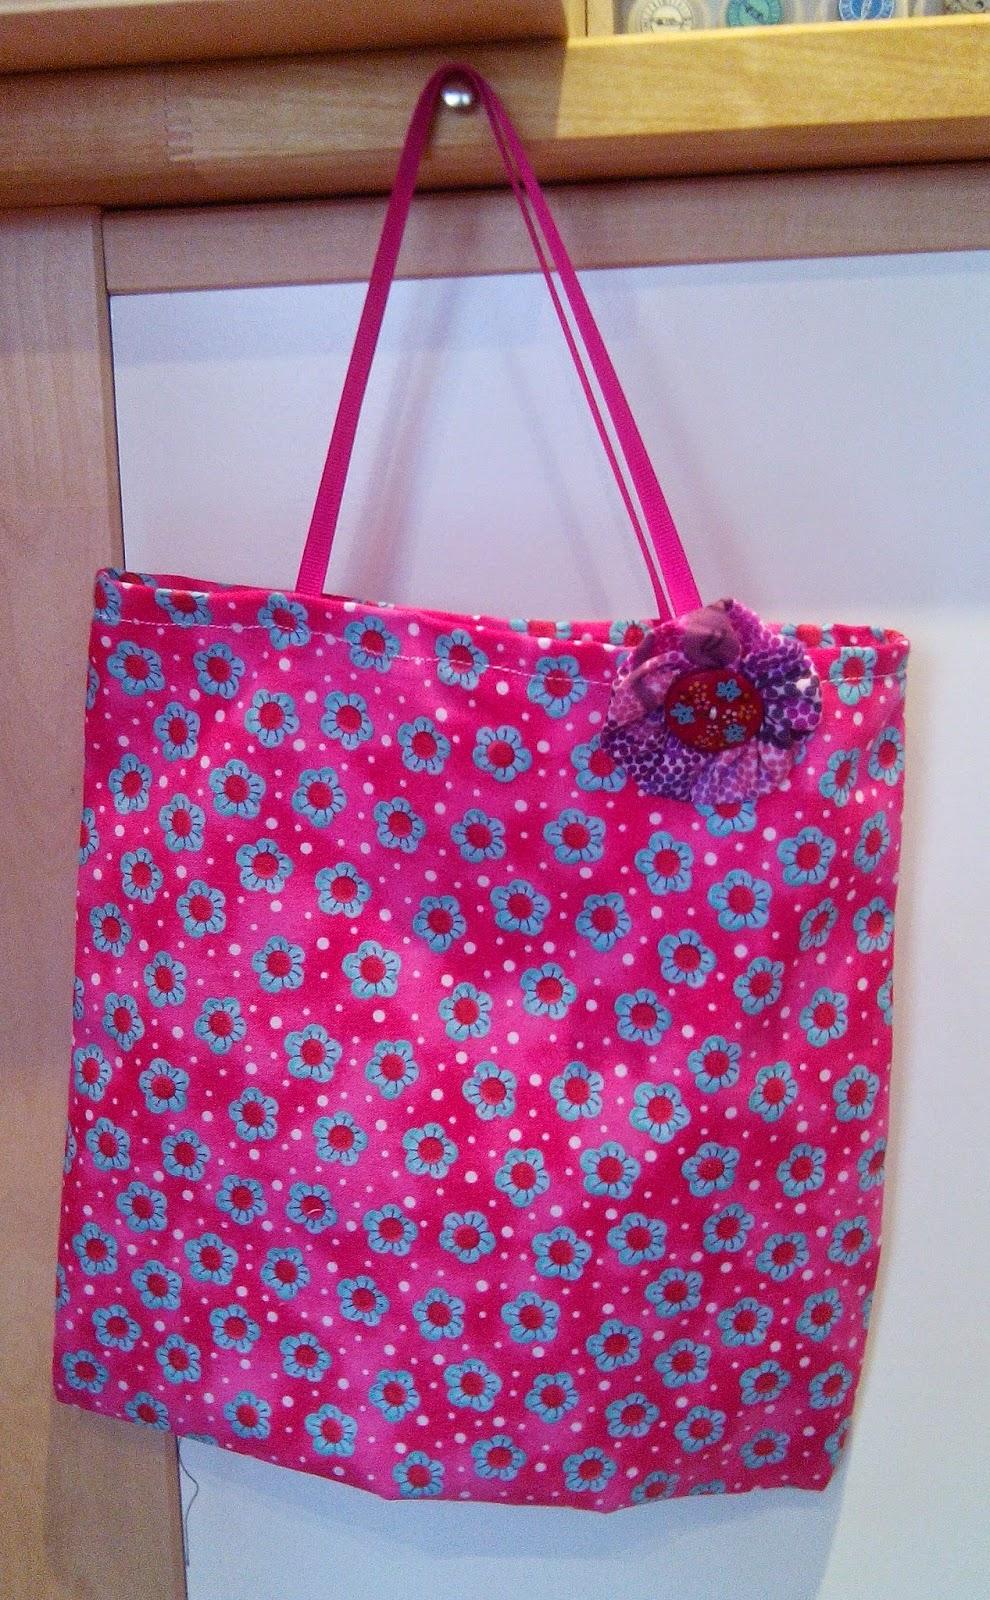 Couture en atelier sac tote bag roseà fleurs bleues